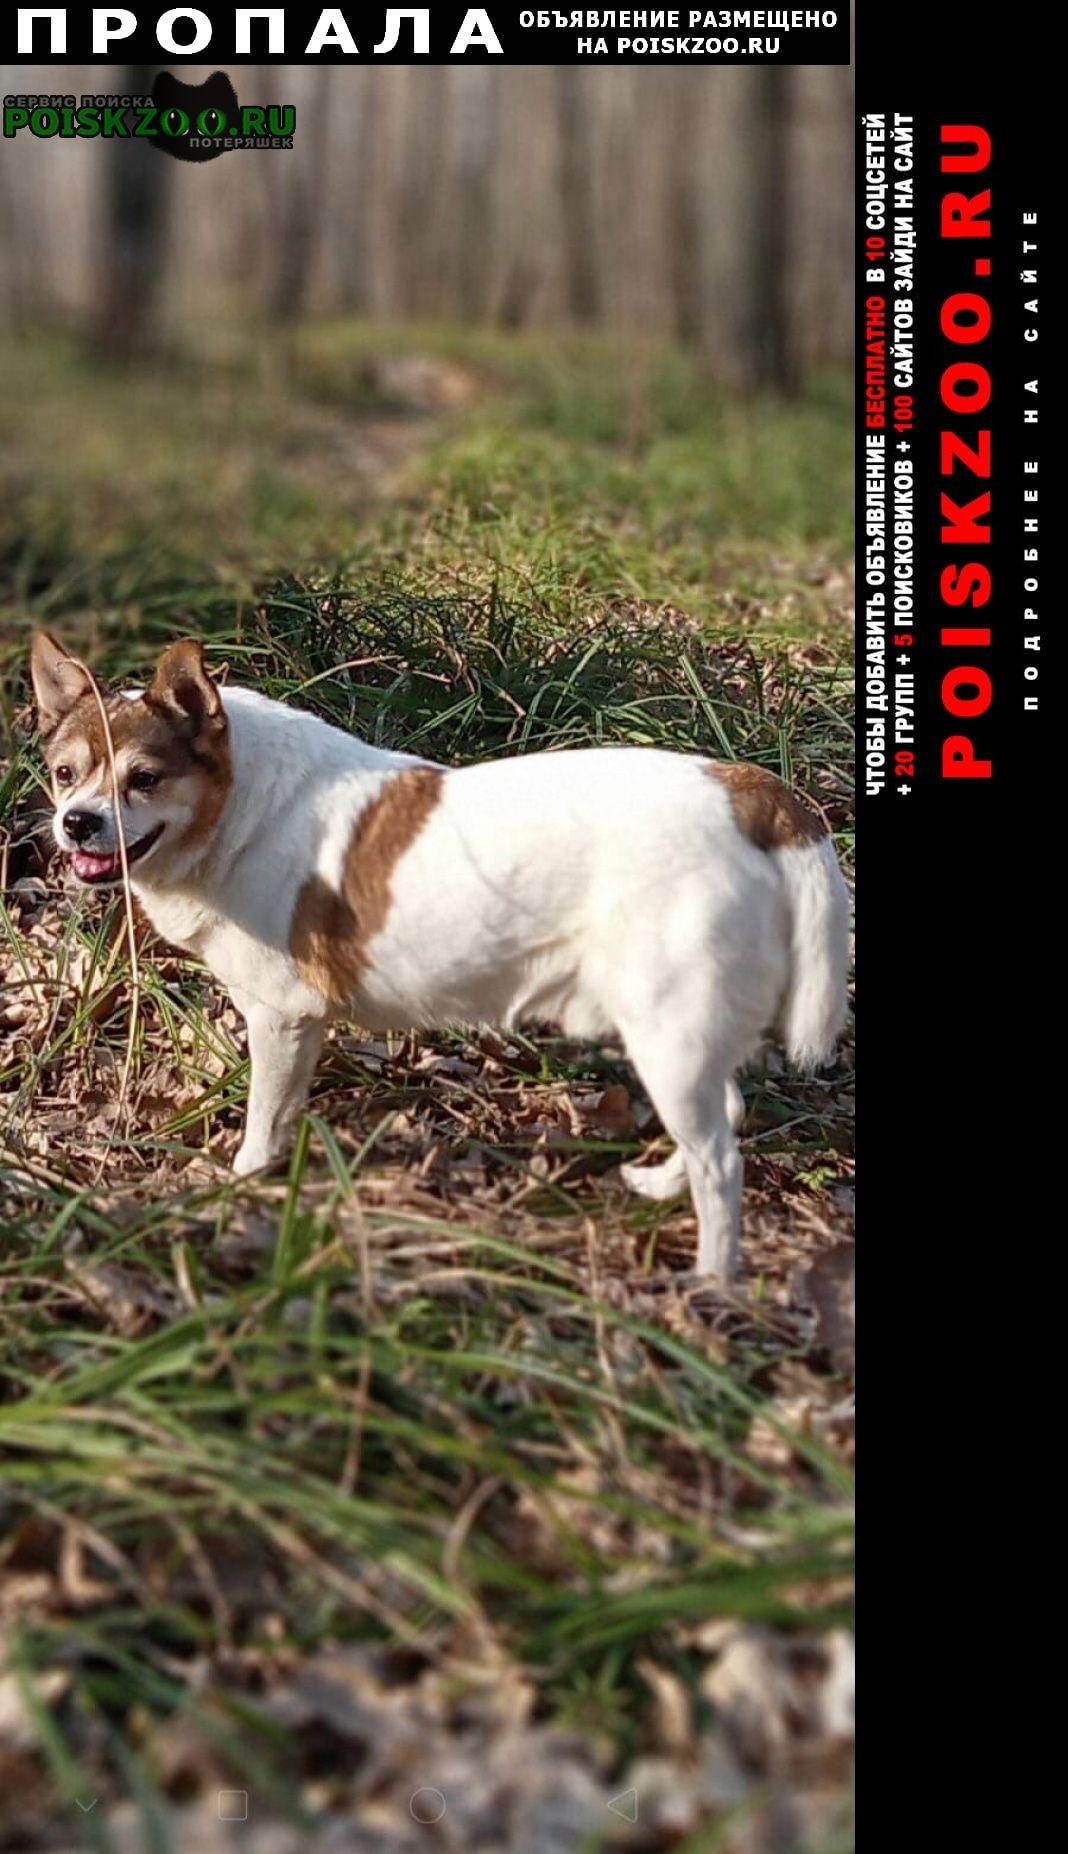 Пропала собака кобель Спасское